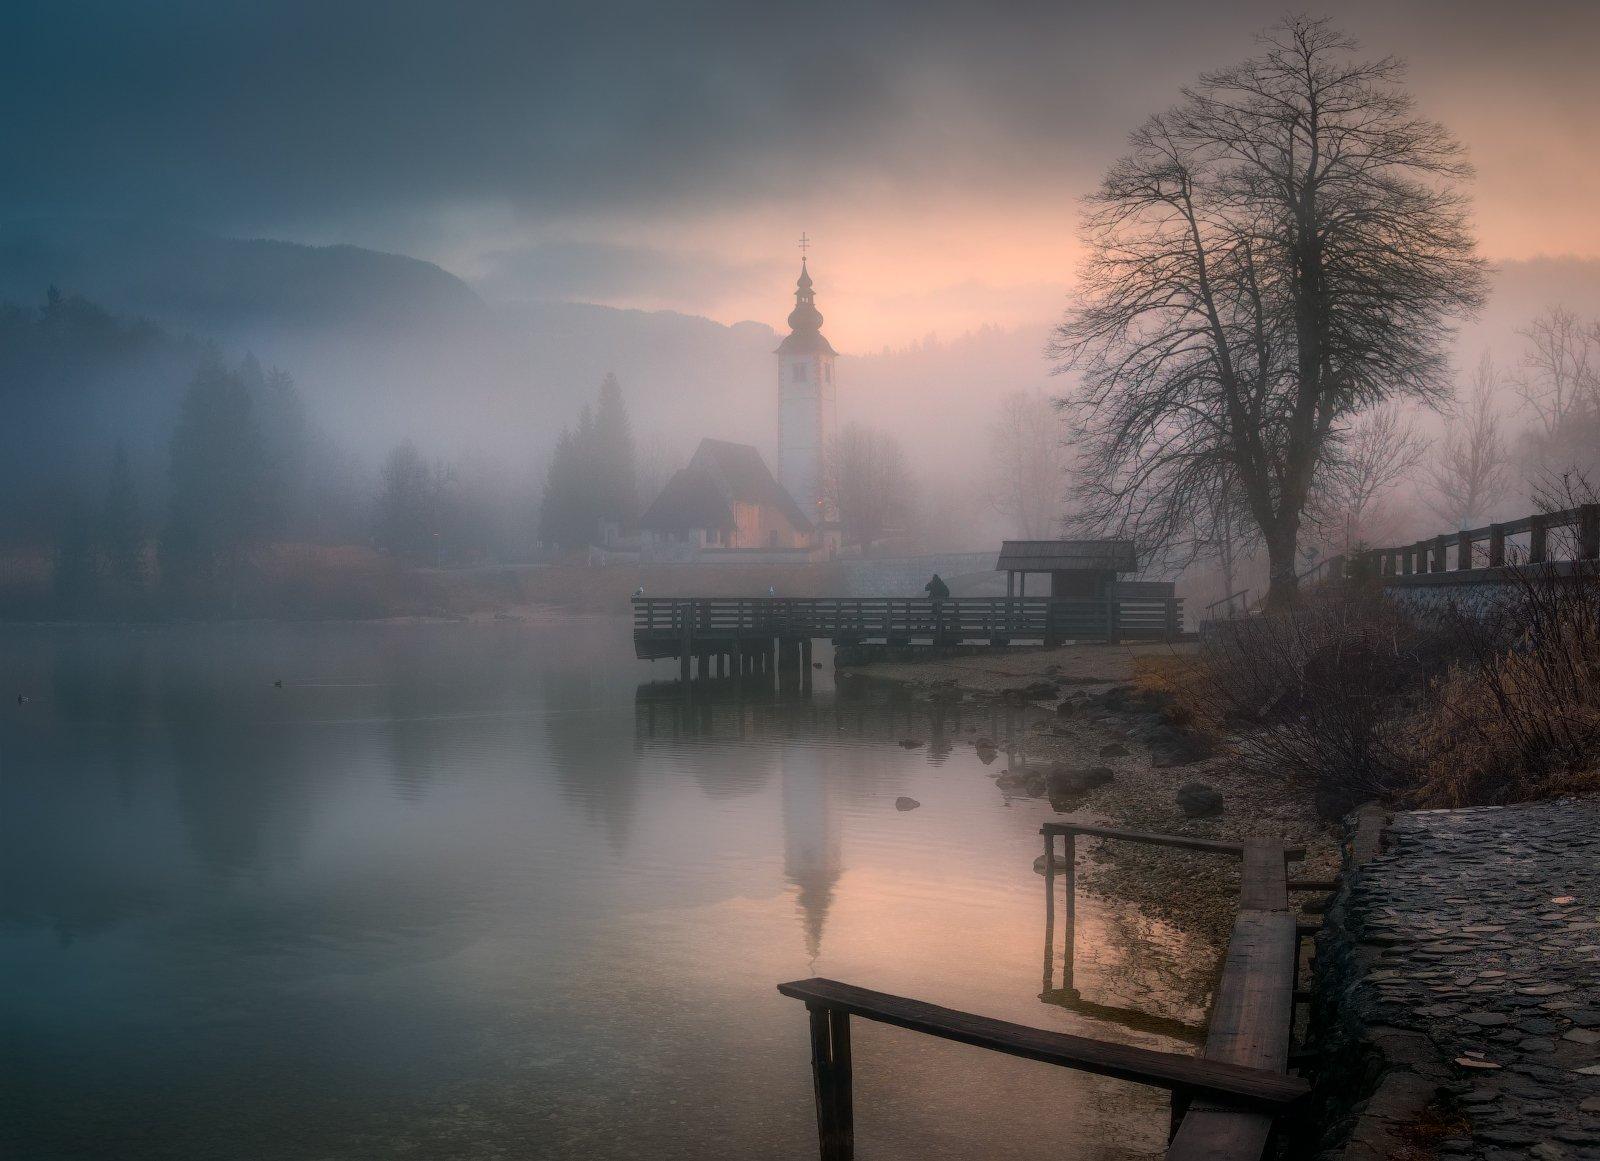 утро, туман, озеро, деревья, словения, Cтанислав Малых